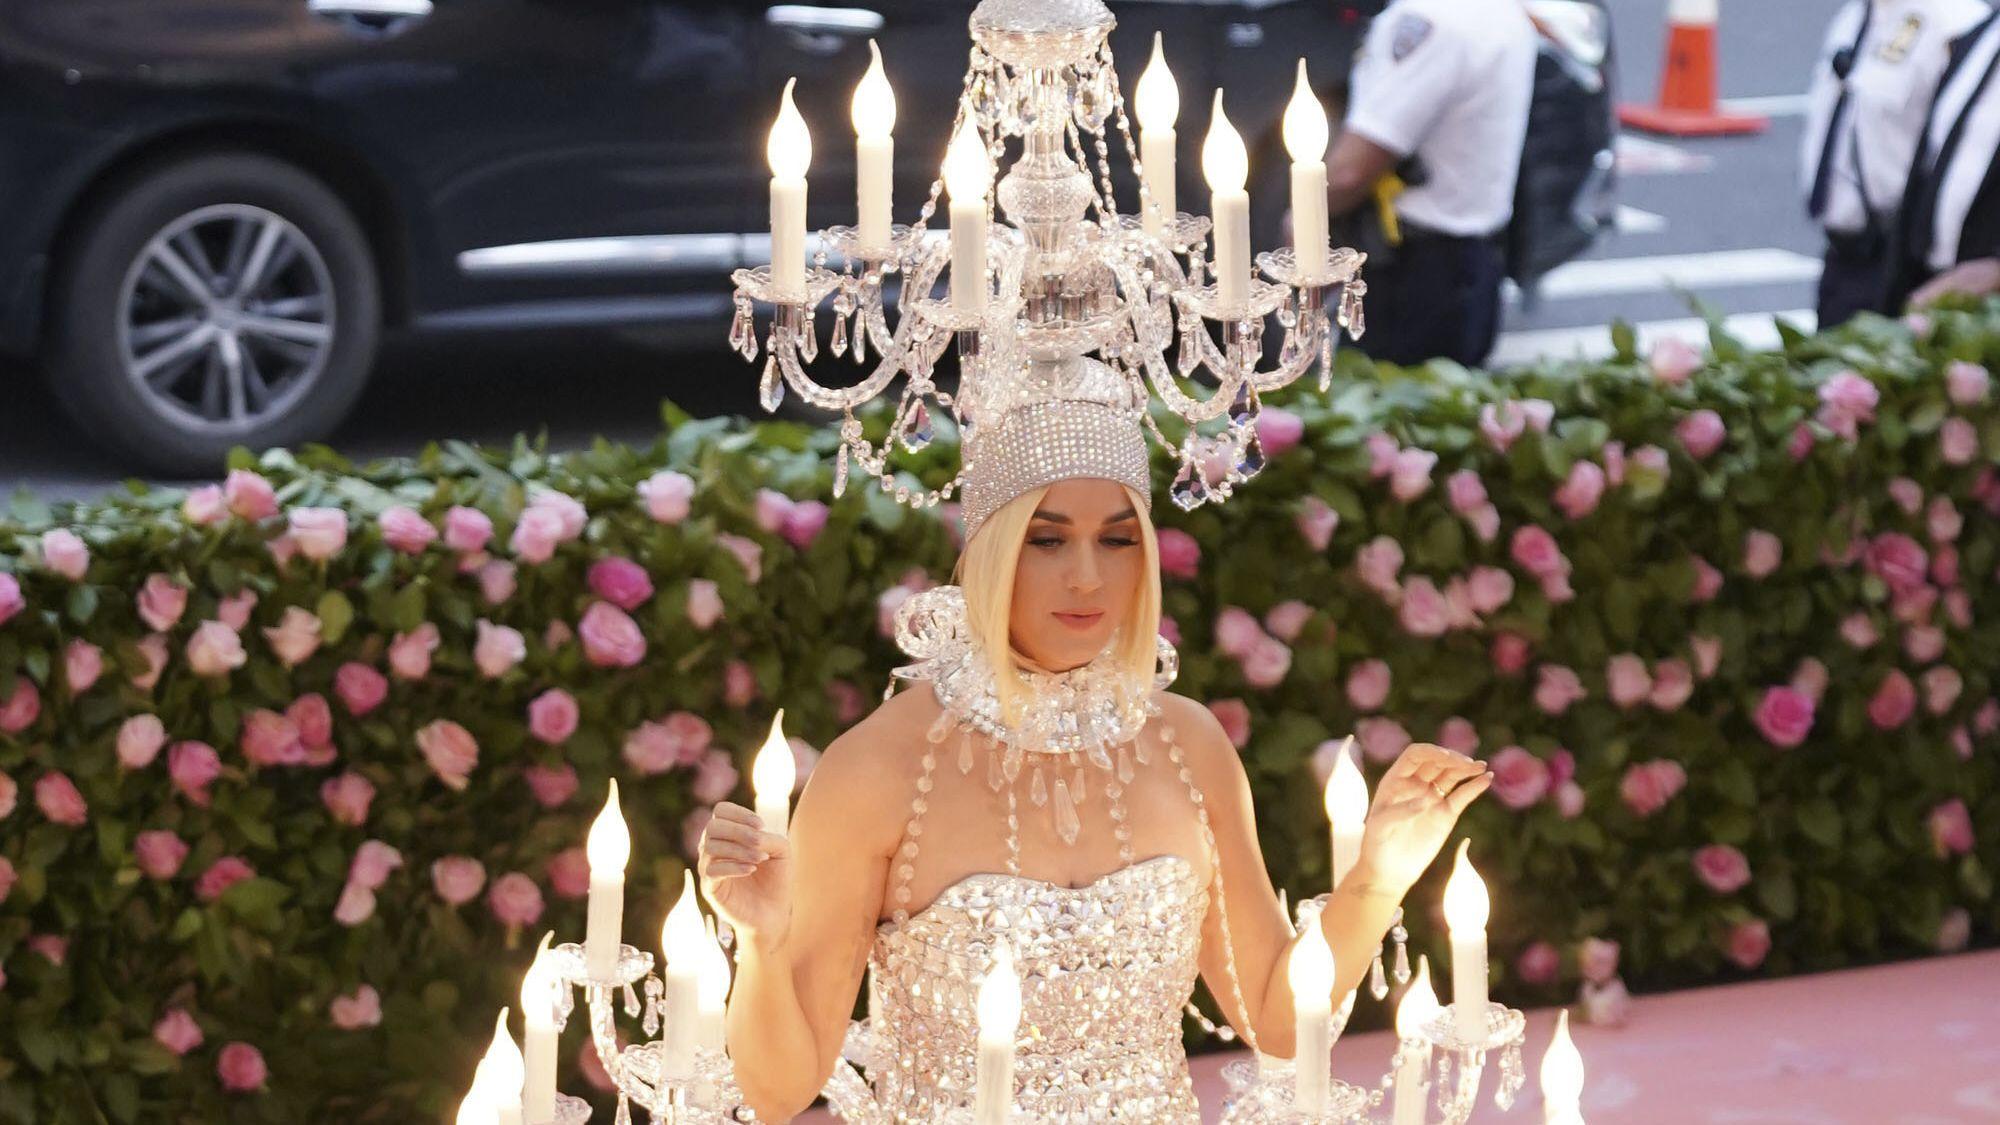 Katy Perry als Kronleuchter: Erleuchtung durch schrille Auftritte